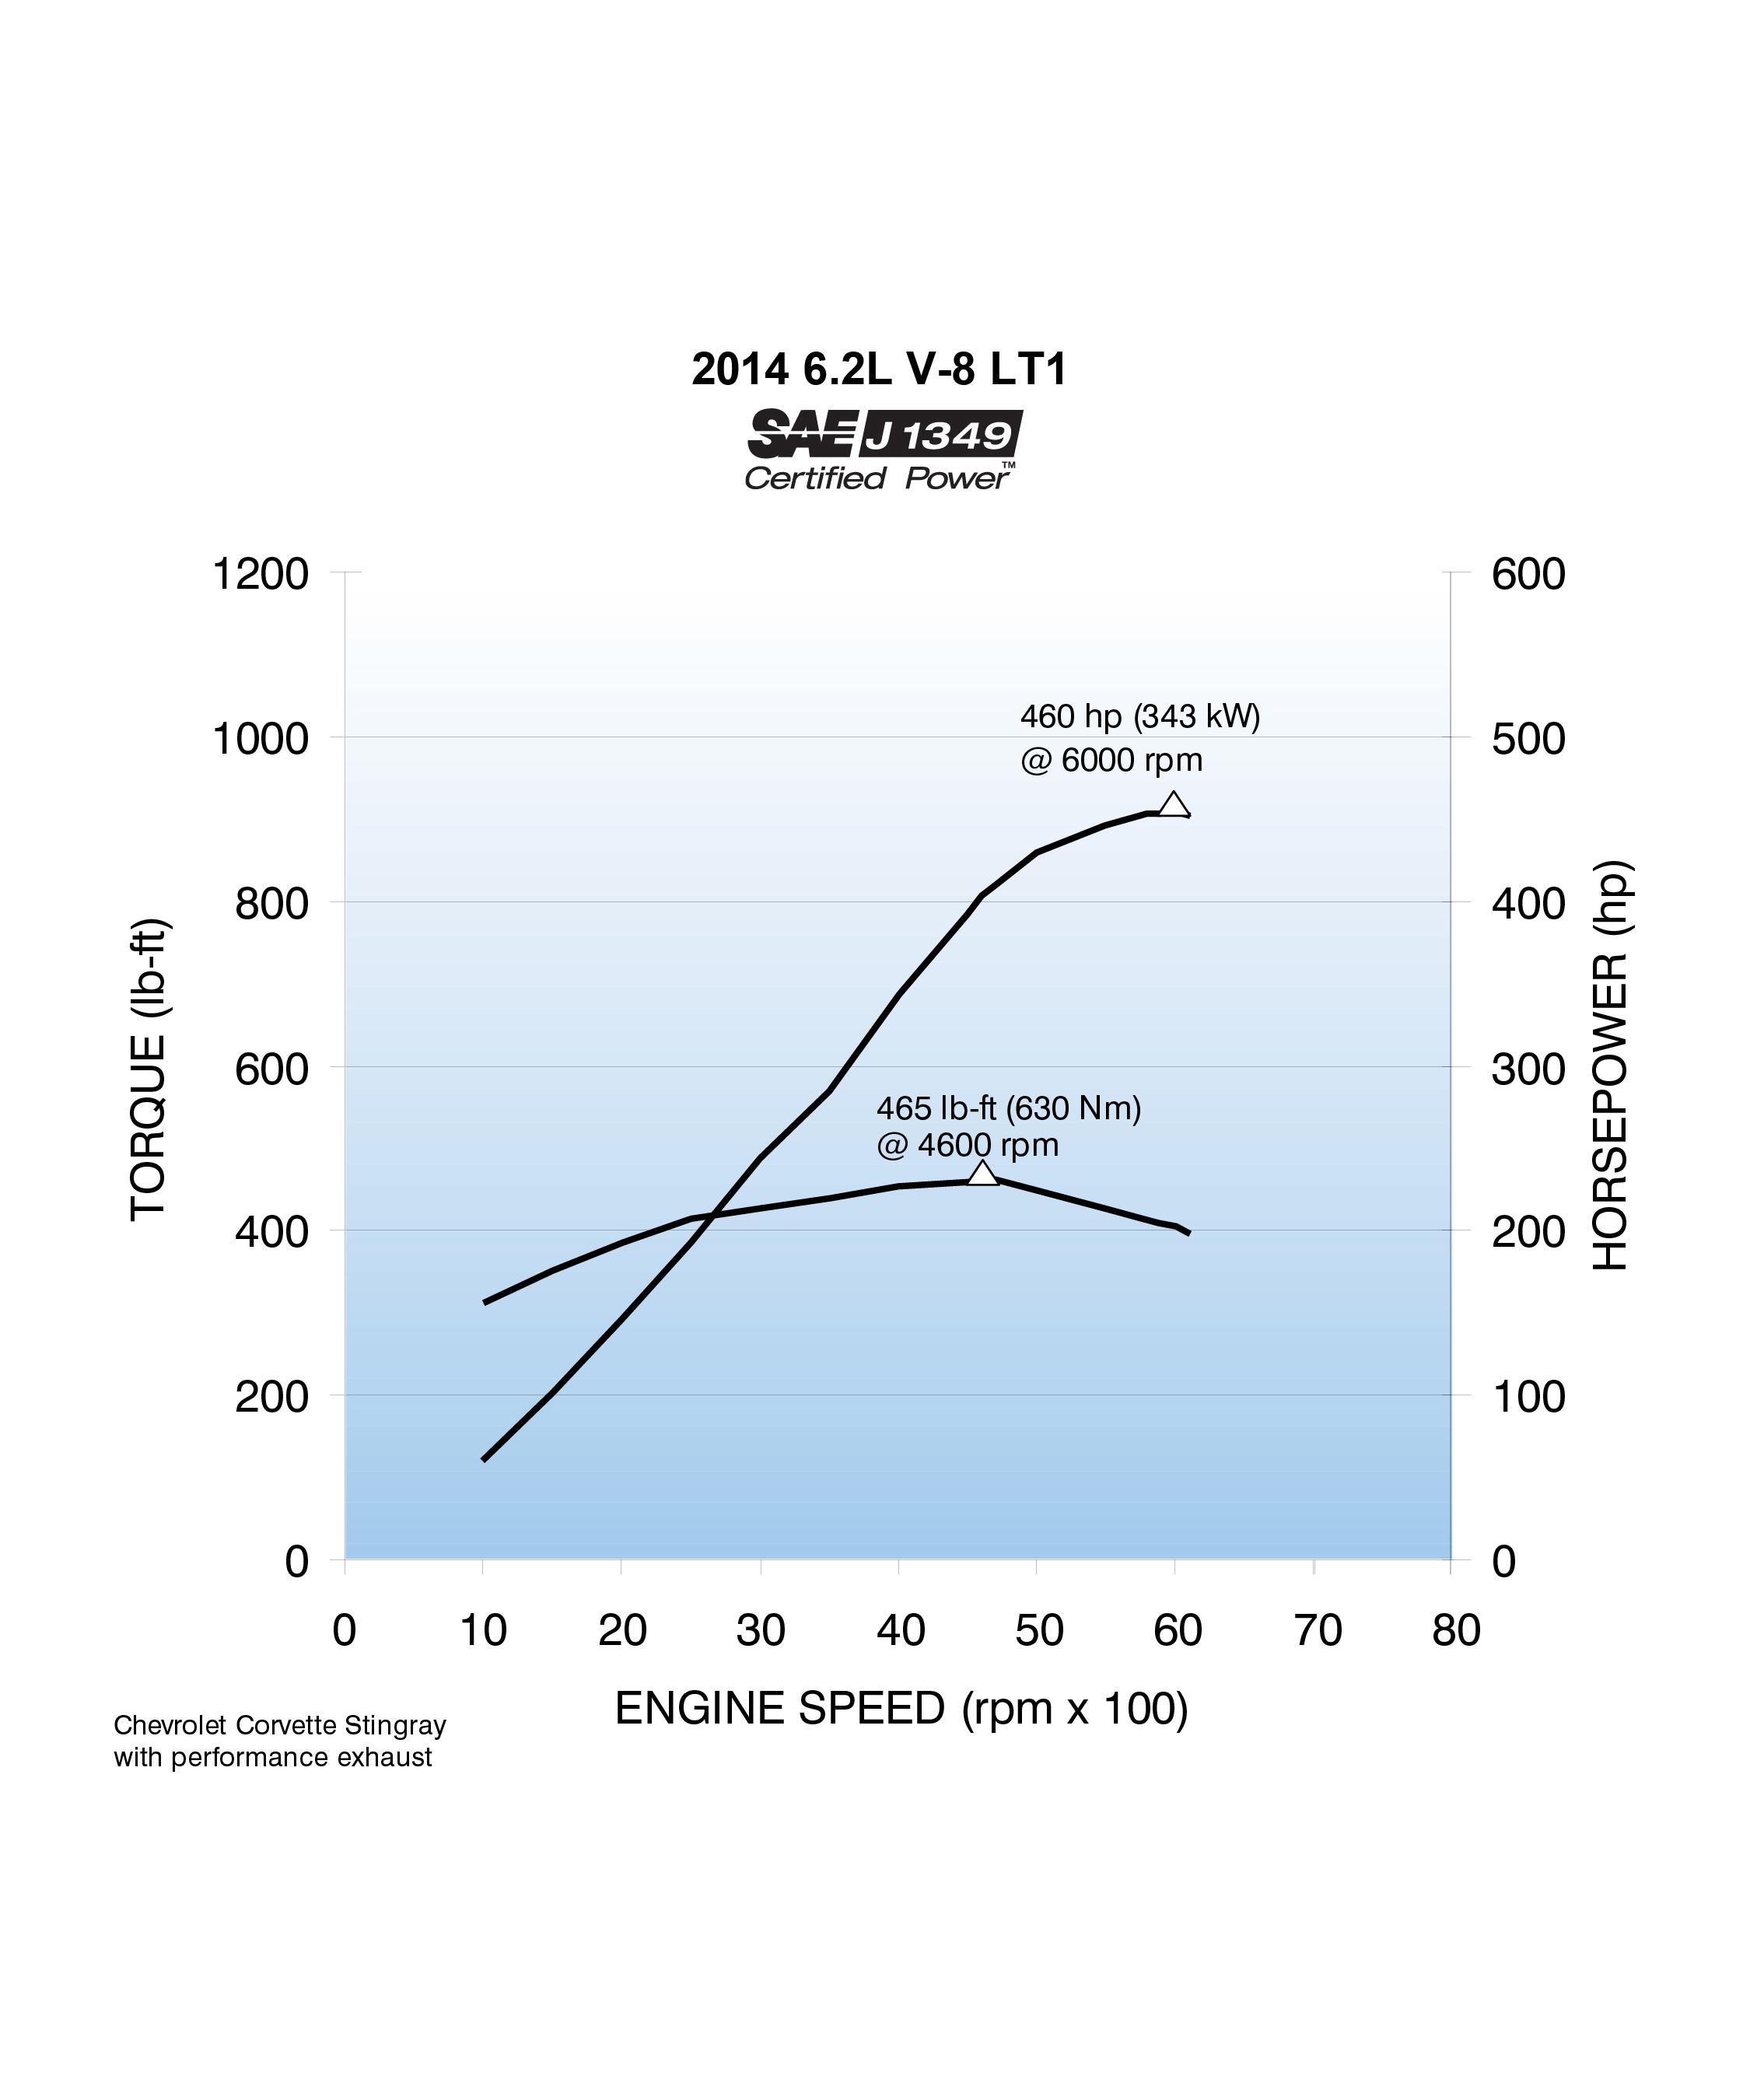 Lt1 Vvt Diagram Electrical Wiring 1995 Vss 2014 Corvette Stingray Cranks Out 460 Horsepower 2000 Ls1 Egr